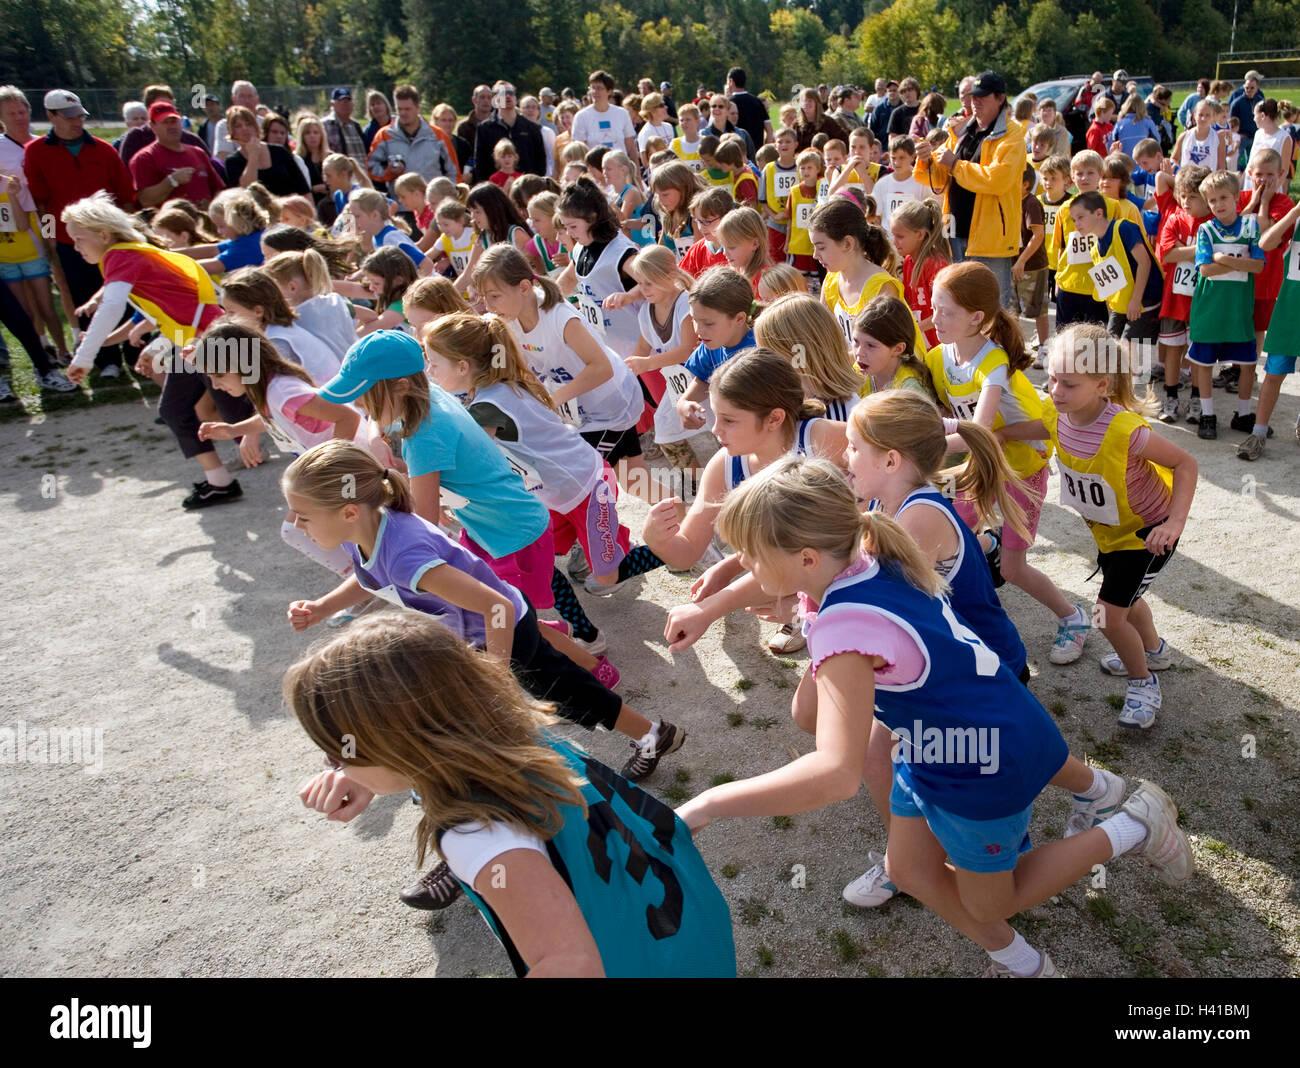 Les filles de ligne de départ en course sur piste Photo Stock